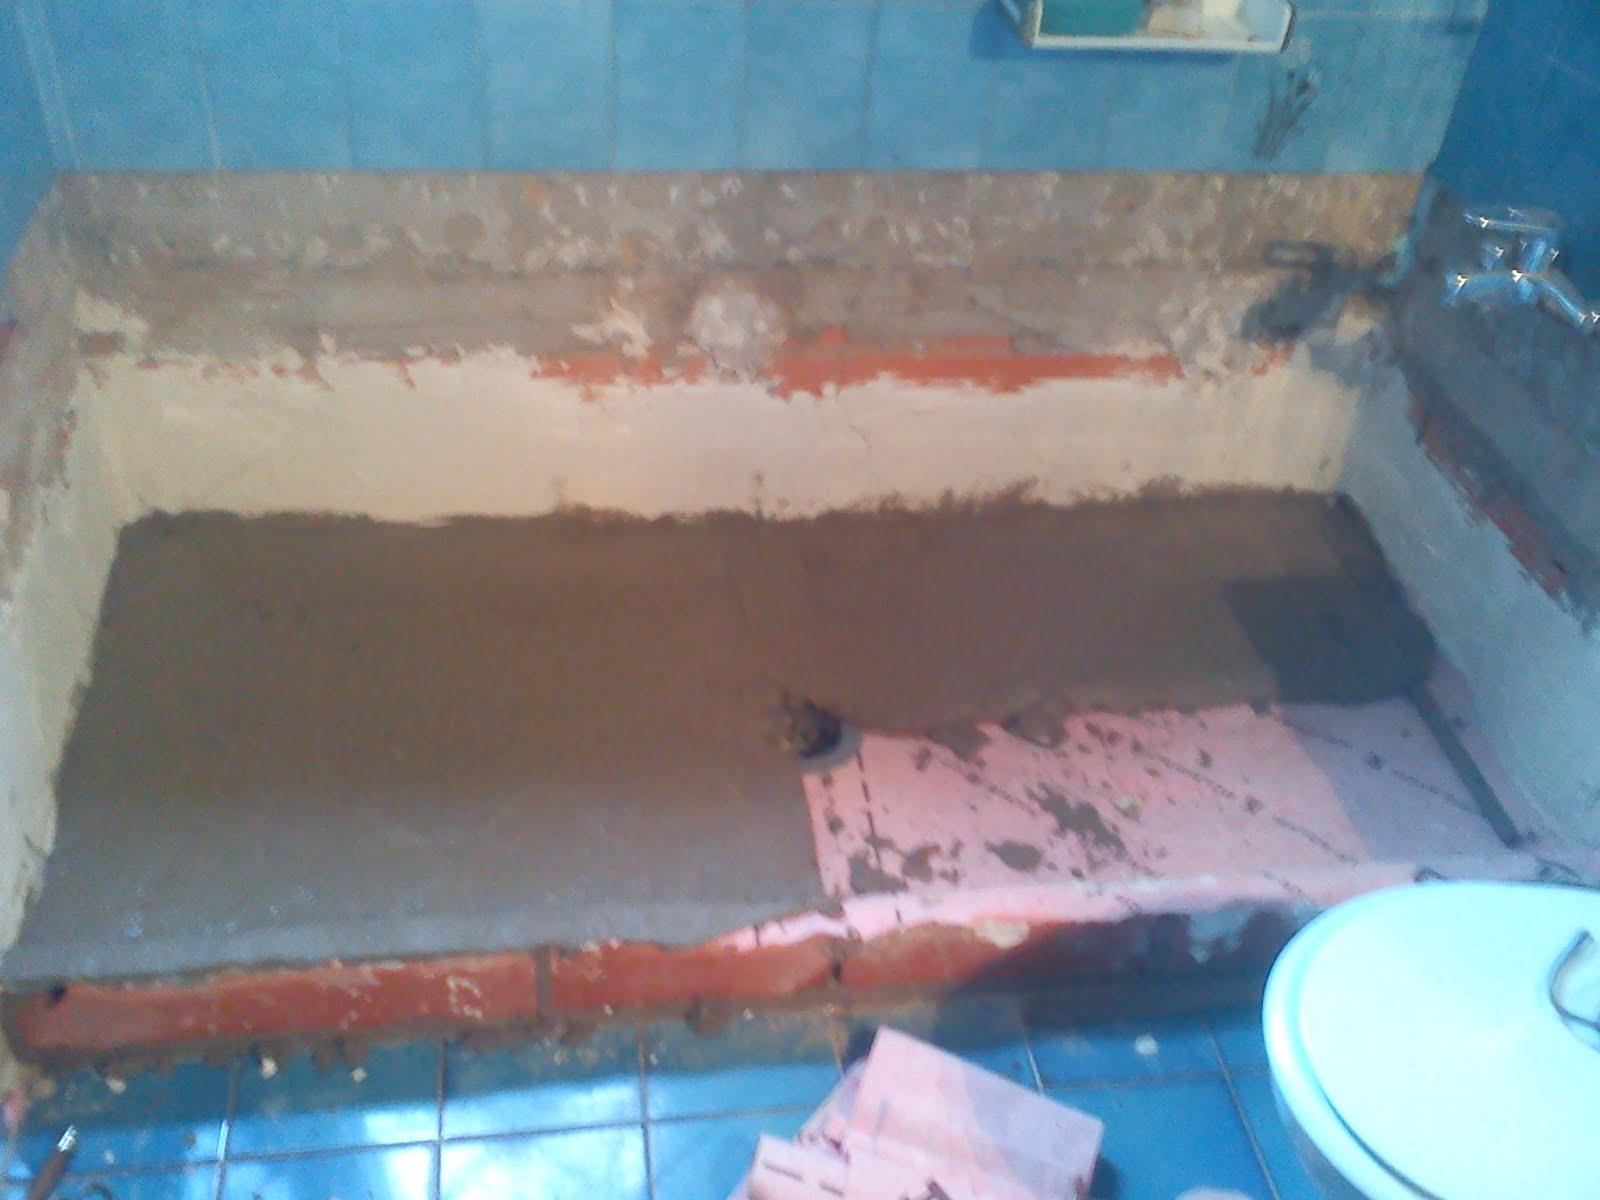 Reforma de ba era a plato de ducha de obra fotos 4 - Fotos de duchas de obra ...